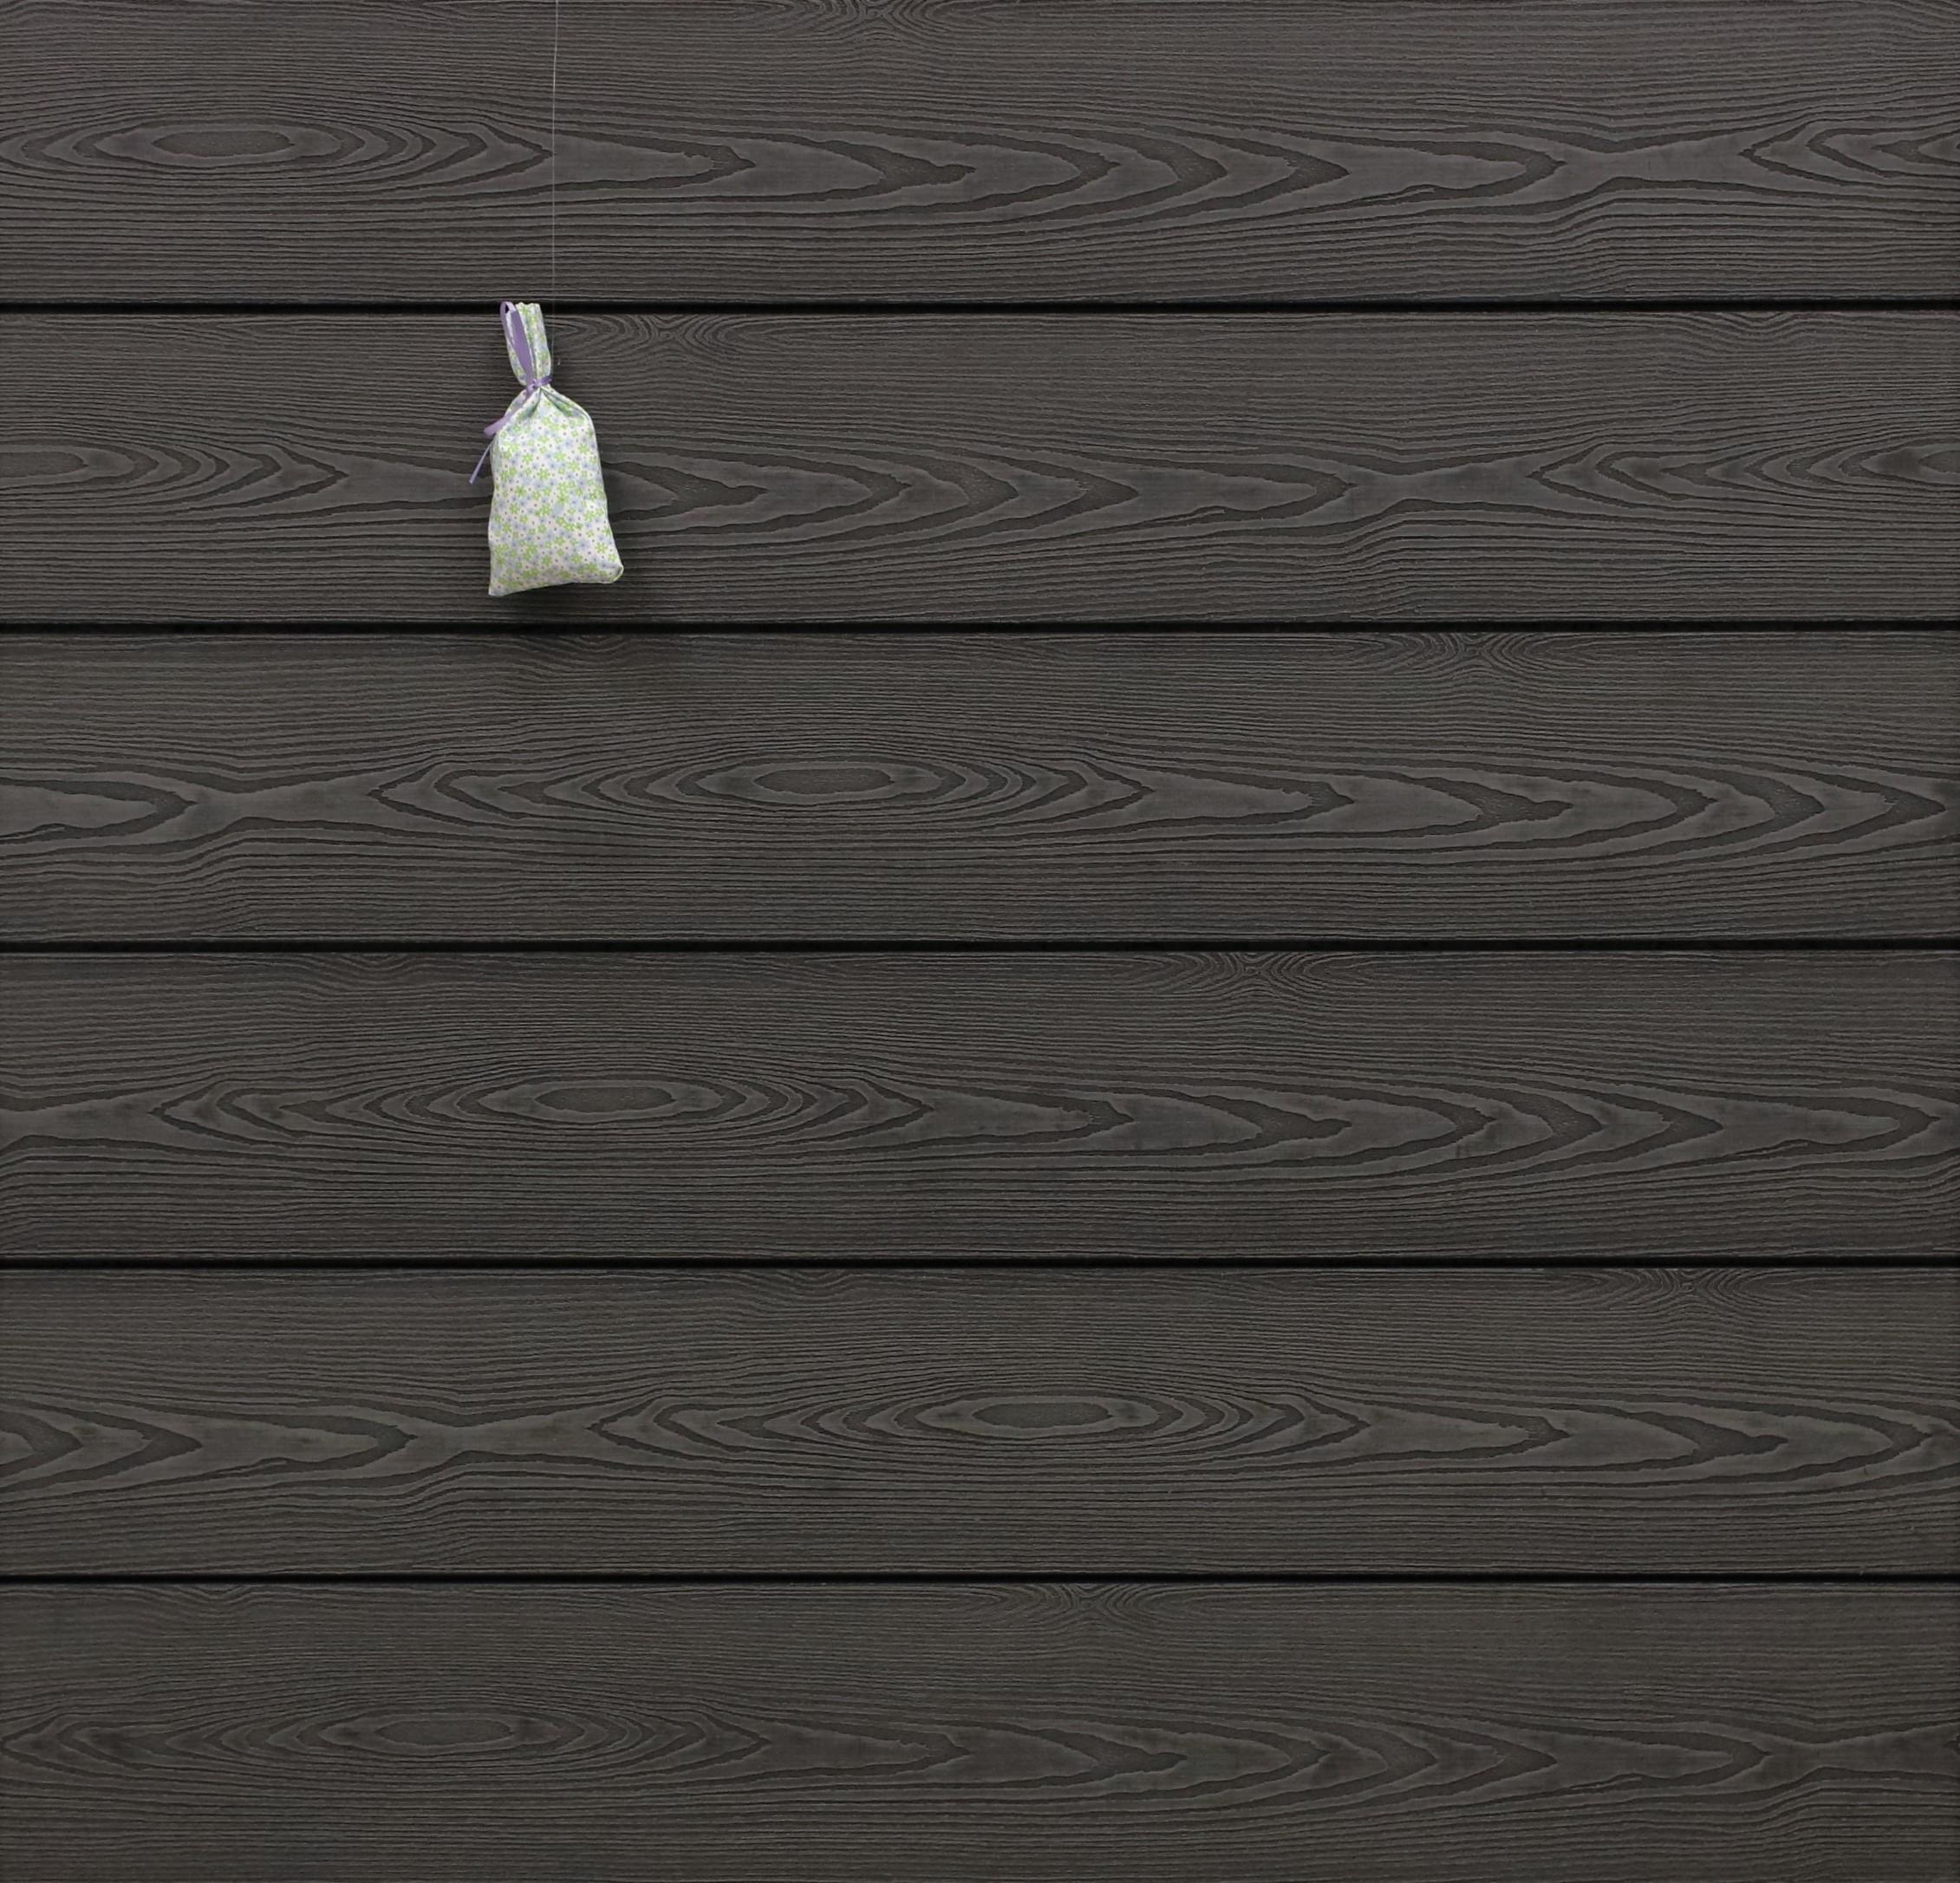 WPC Terrasse massiv, dunkelgrau, Oberfläche mit 3D Struktur in Holzoptik, 22 x 143 bis 4800 mm, Vollprofil, 7,95 €/lfm